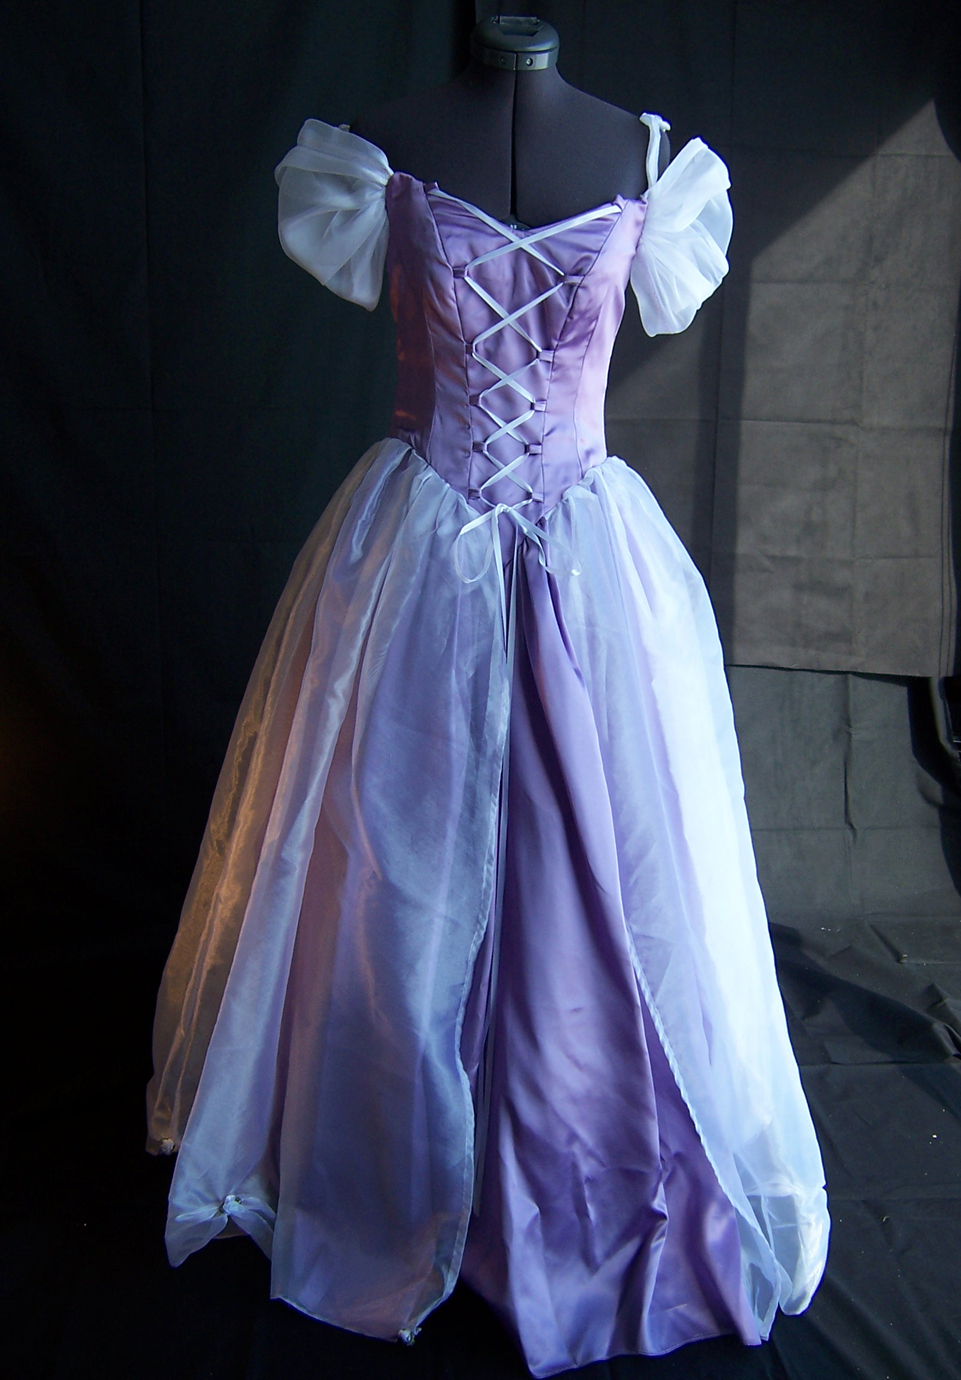 Dresses Masquerade Photo 8821951 Fanpop